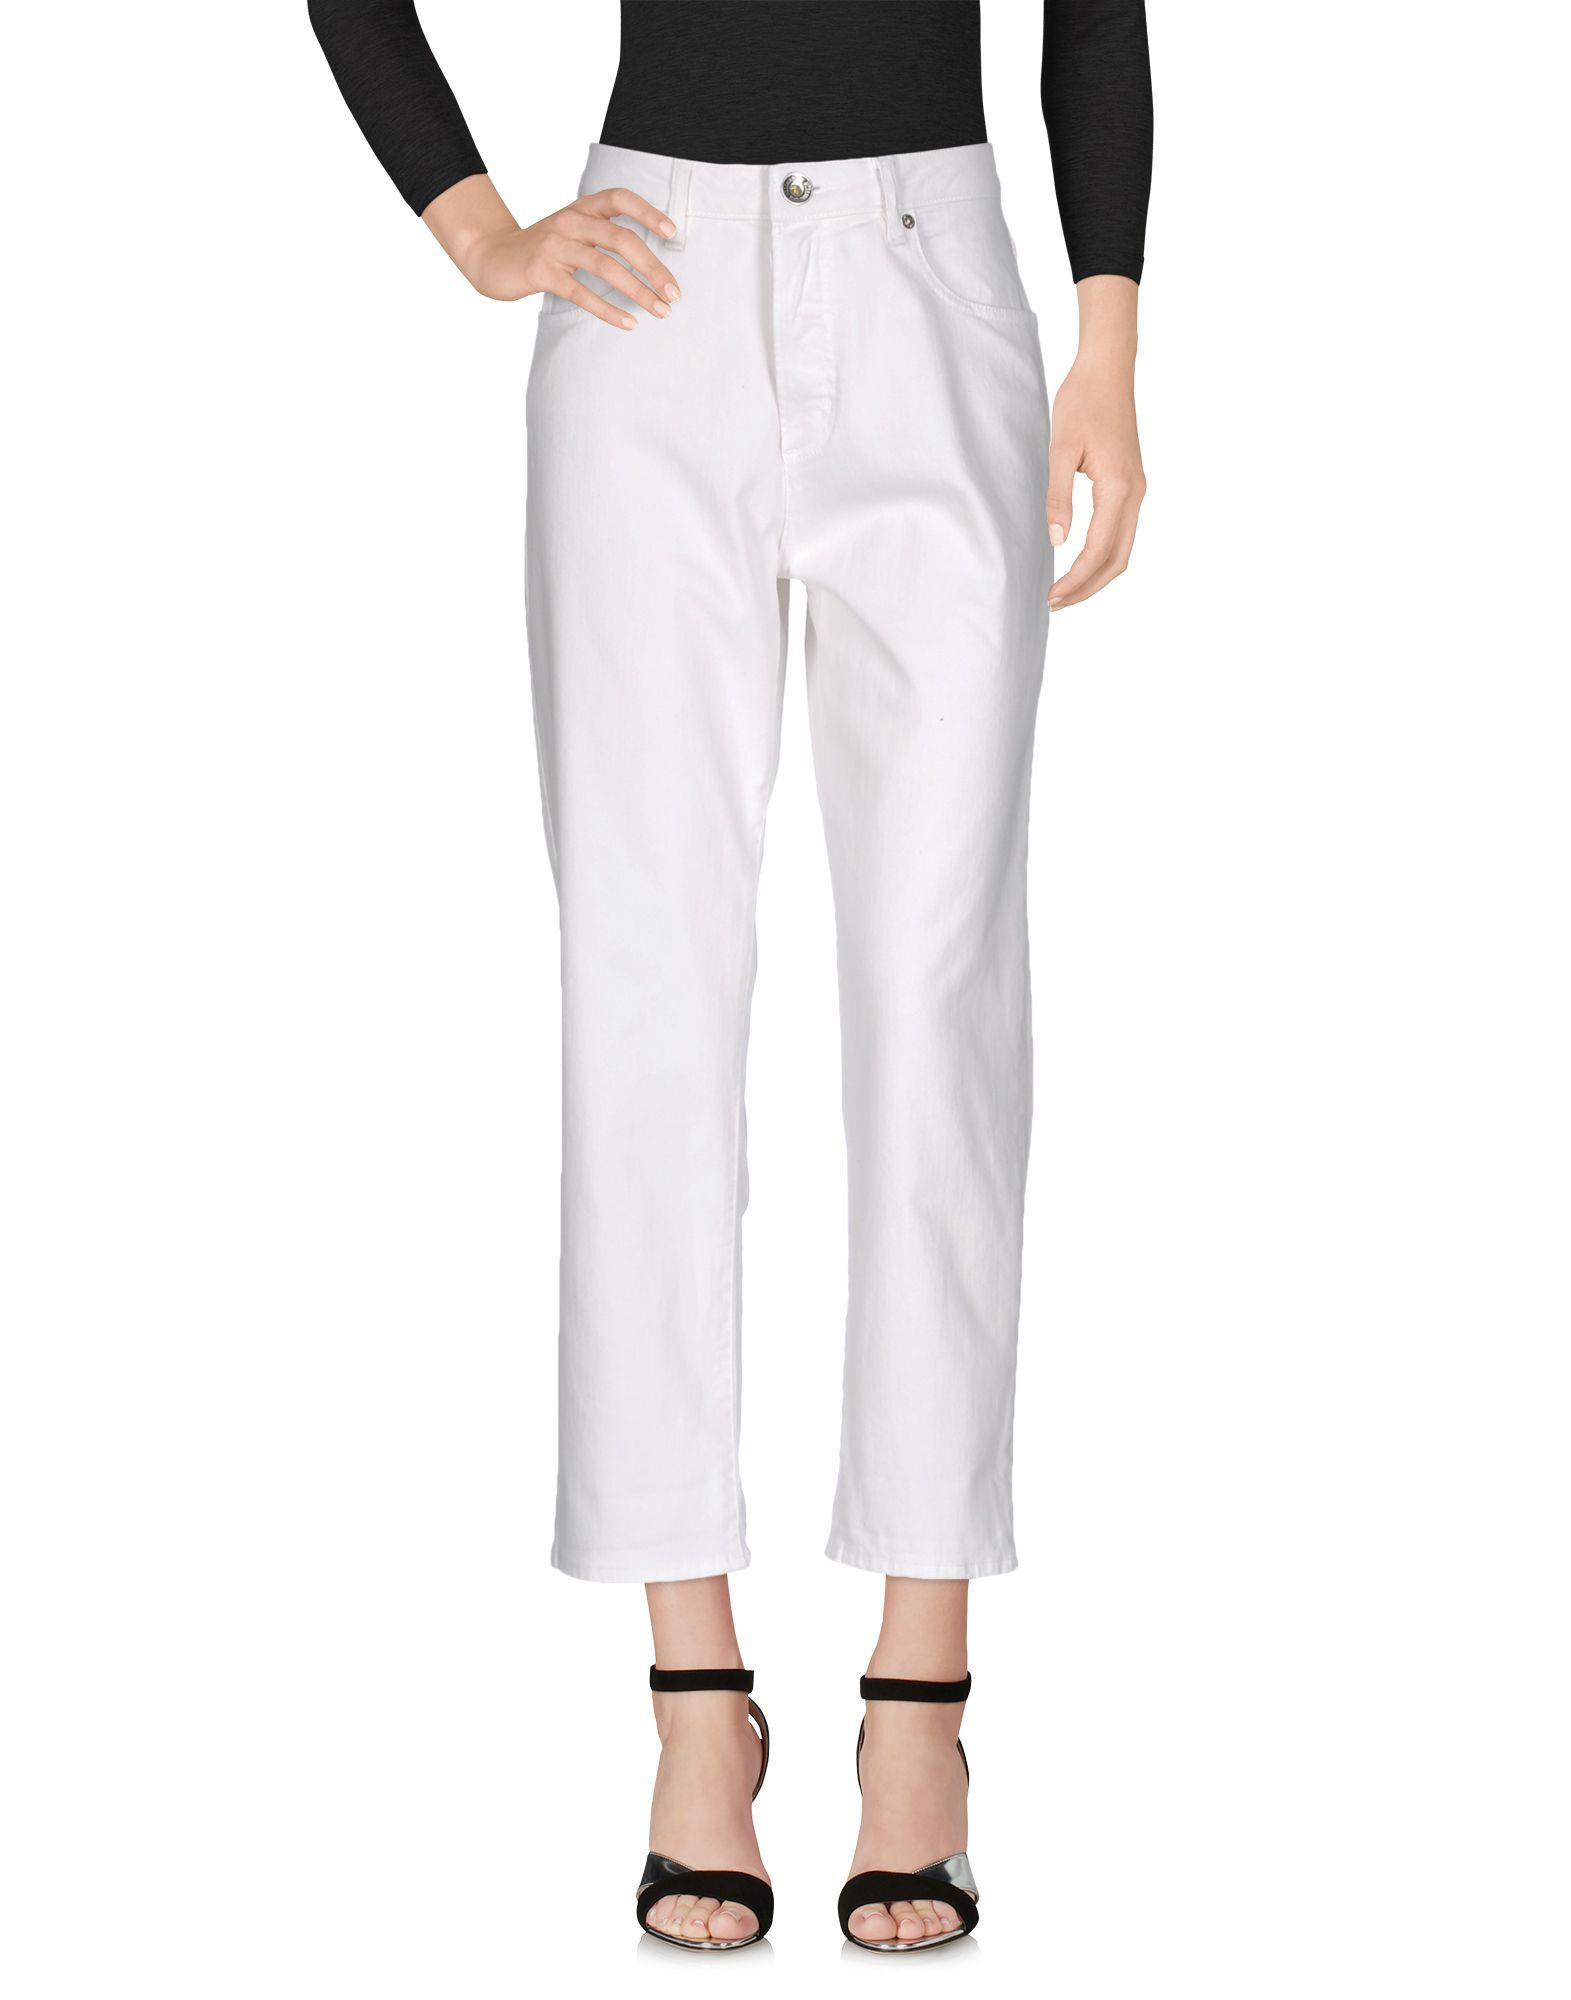 LOVE MOSCHINO Damen Jeanshose Farbe Weiß Größe 4 jetztbilligerkaufen